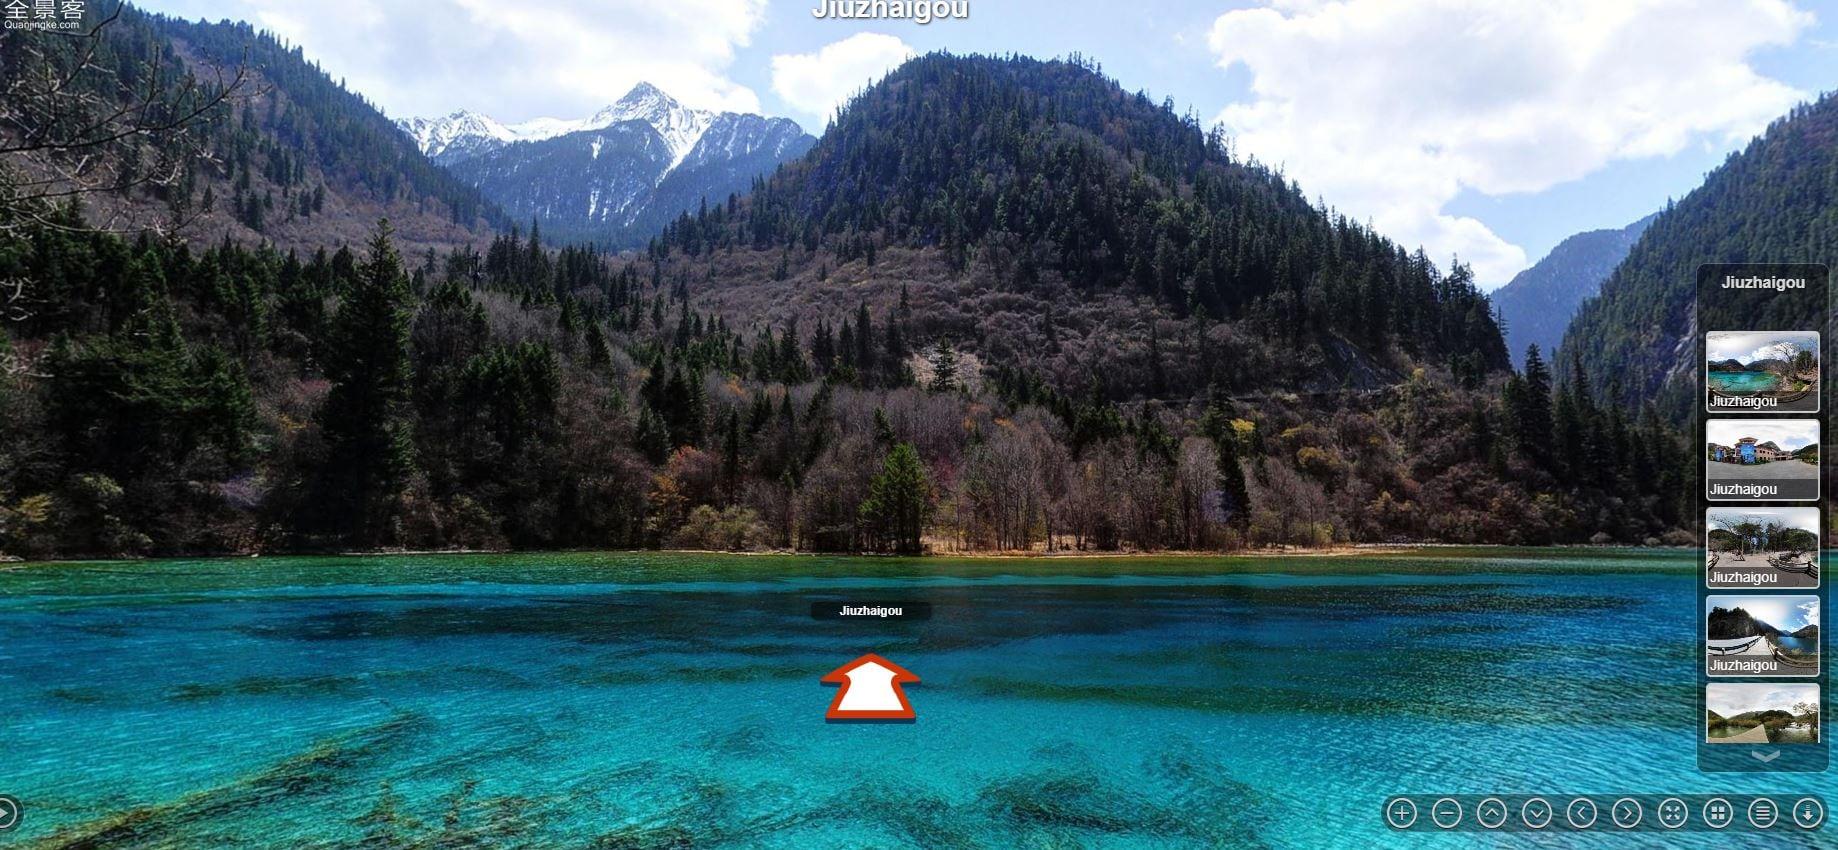 Virtuelles Reisen in China:Bergseen-Jiuzhaigou